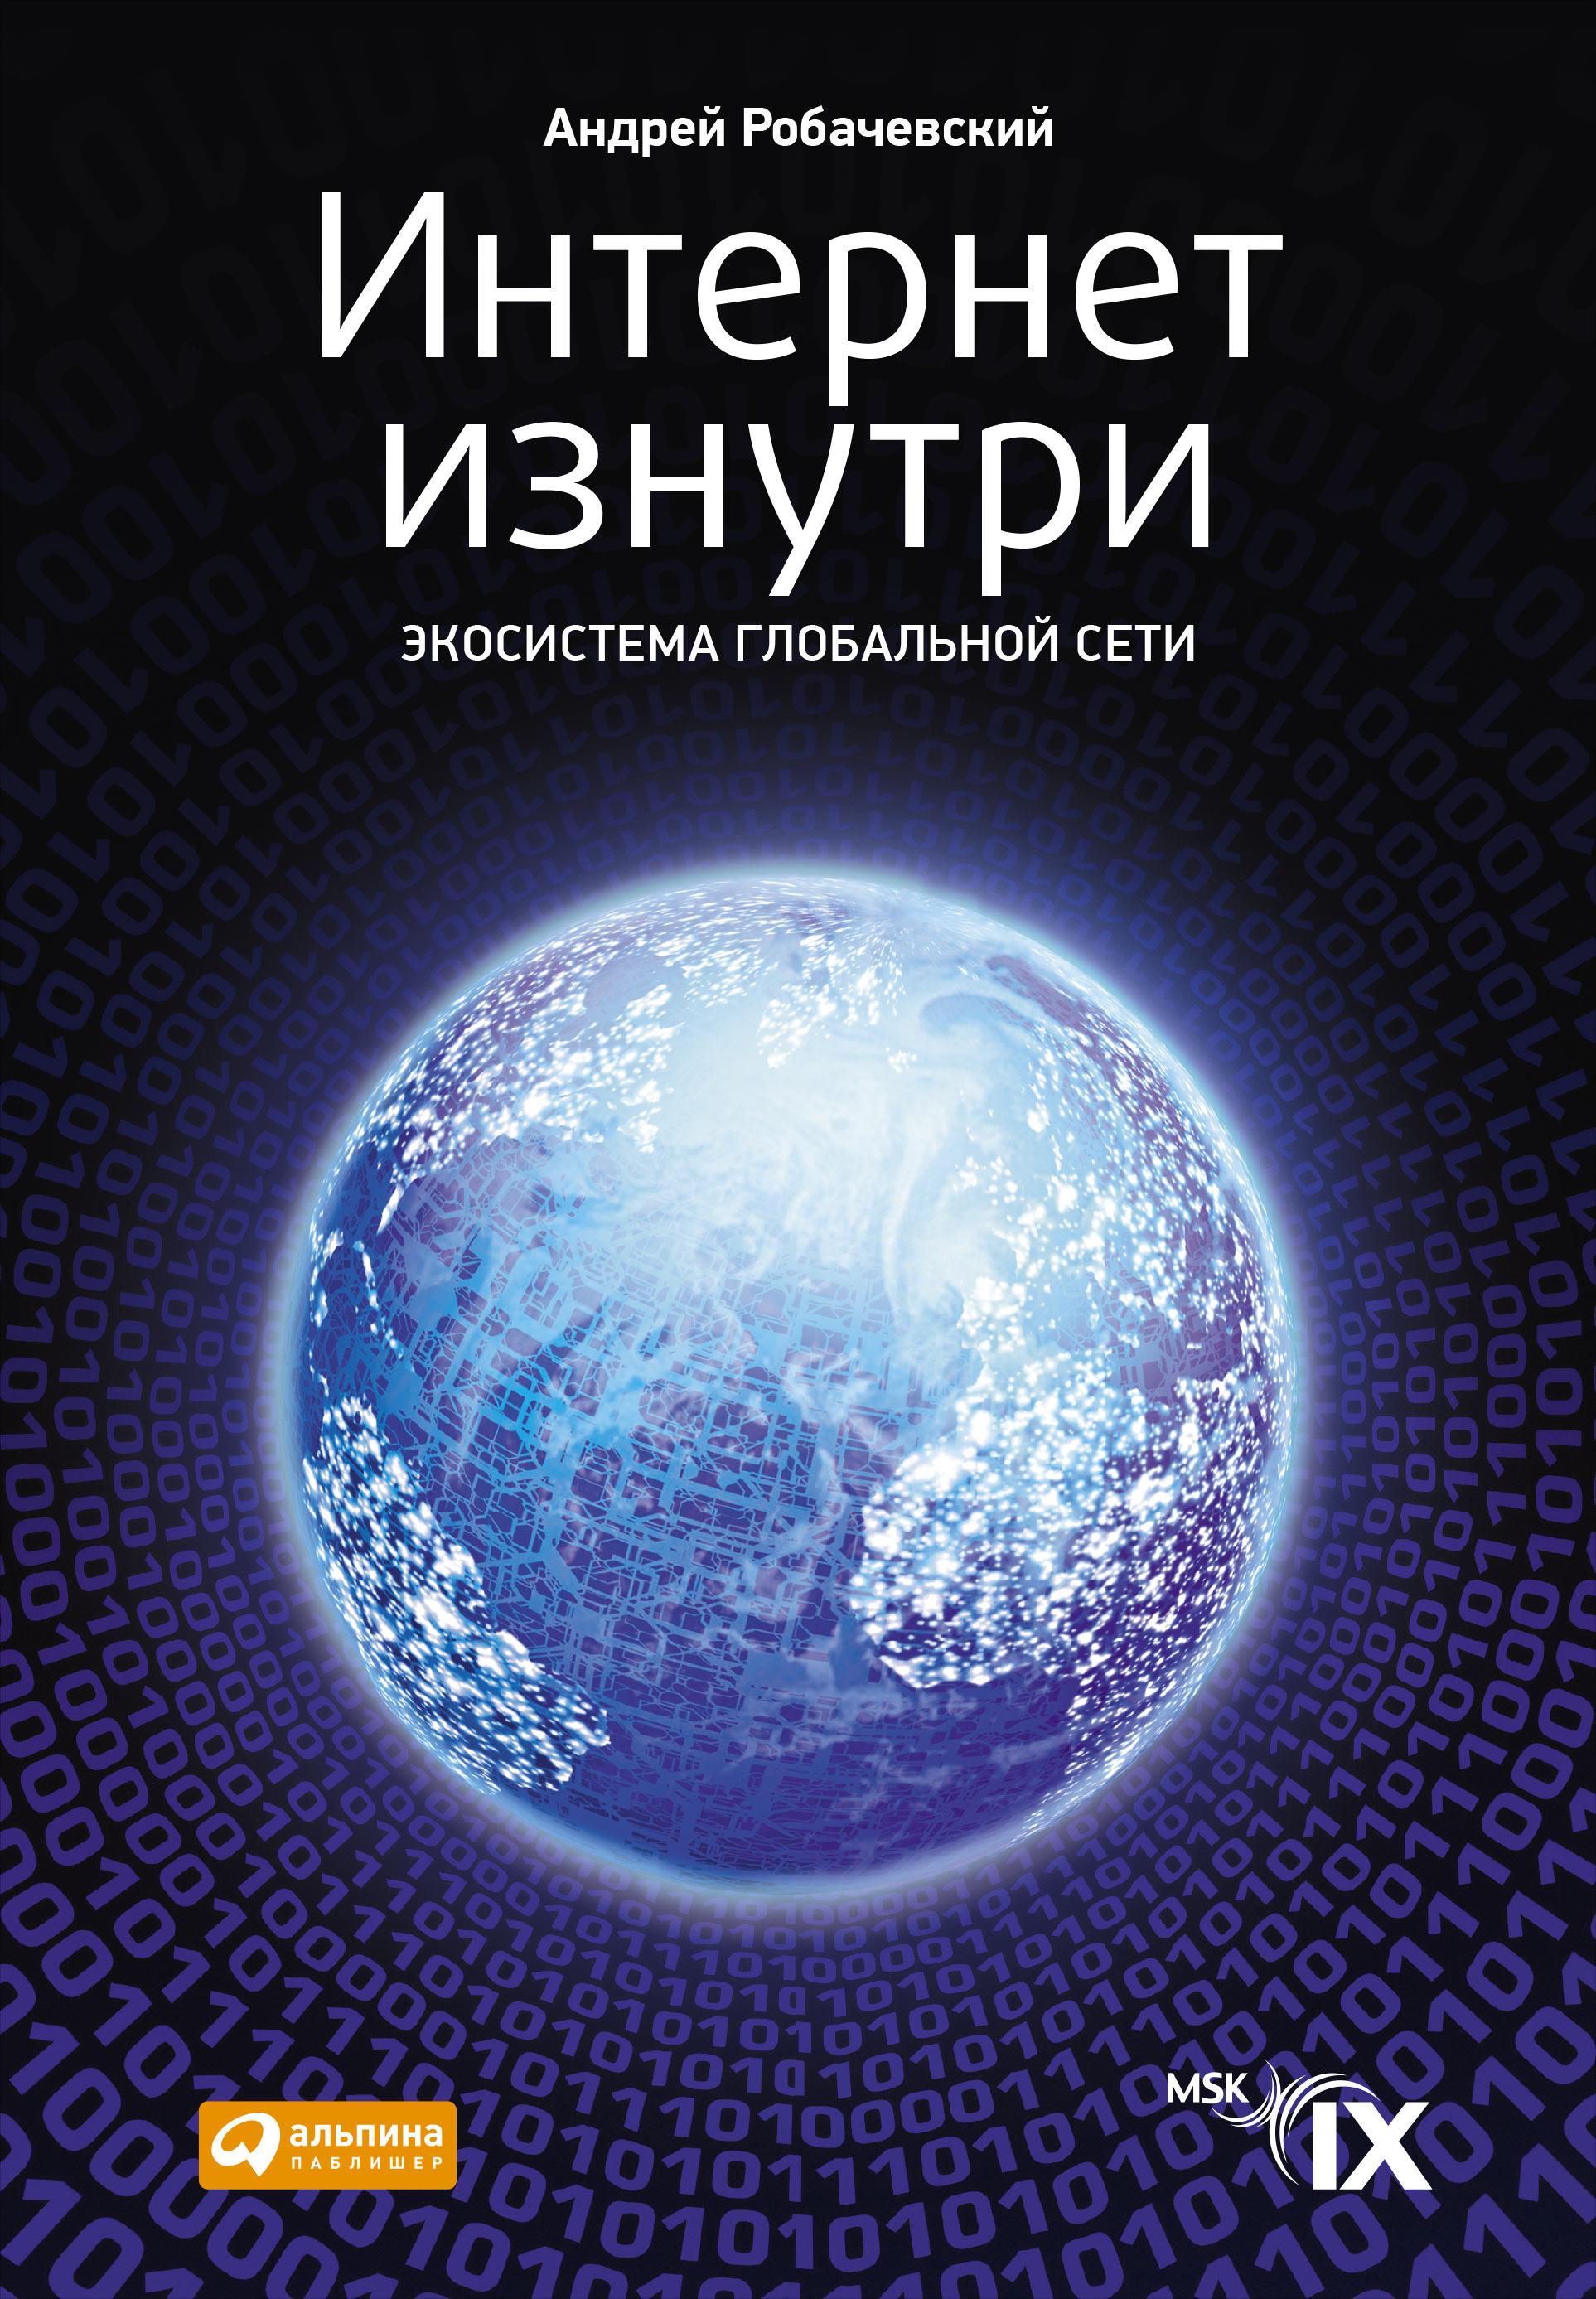 Интернет изнутри: Экосистема глобальной сети. 2-е изд., перераб. и доп. Робачевский А.